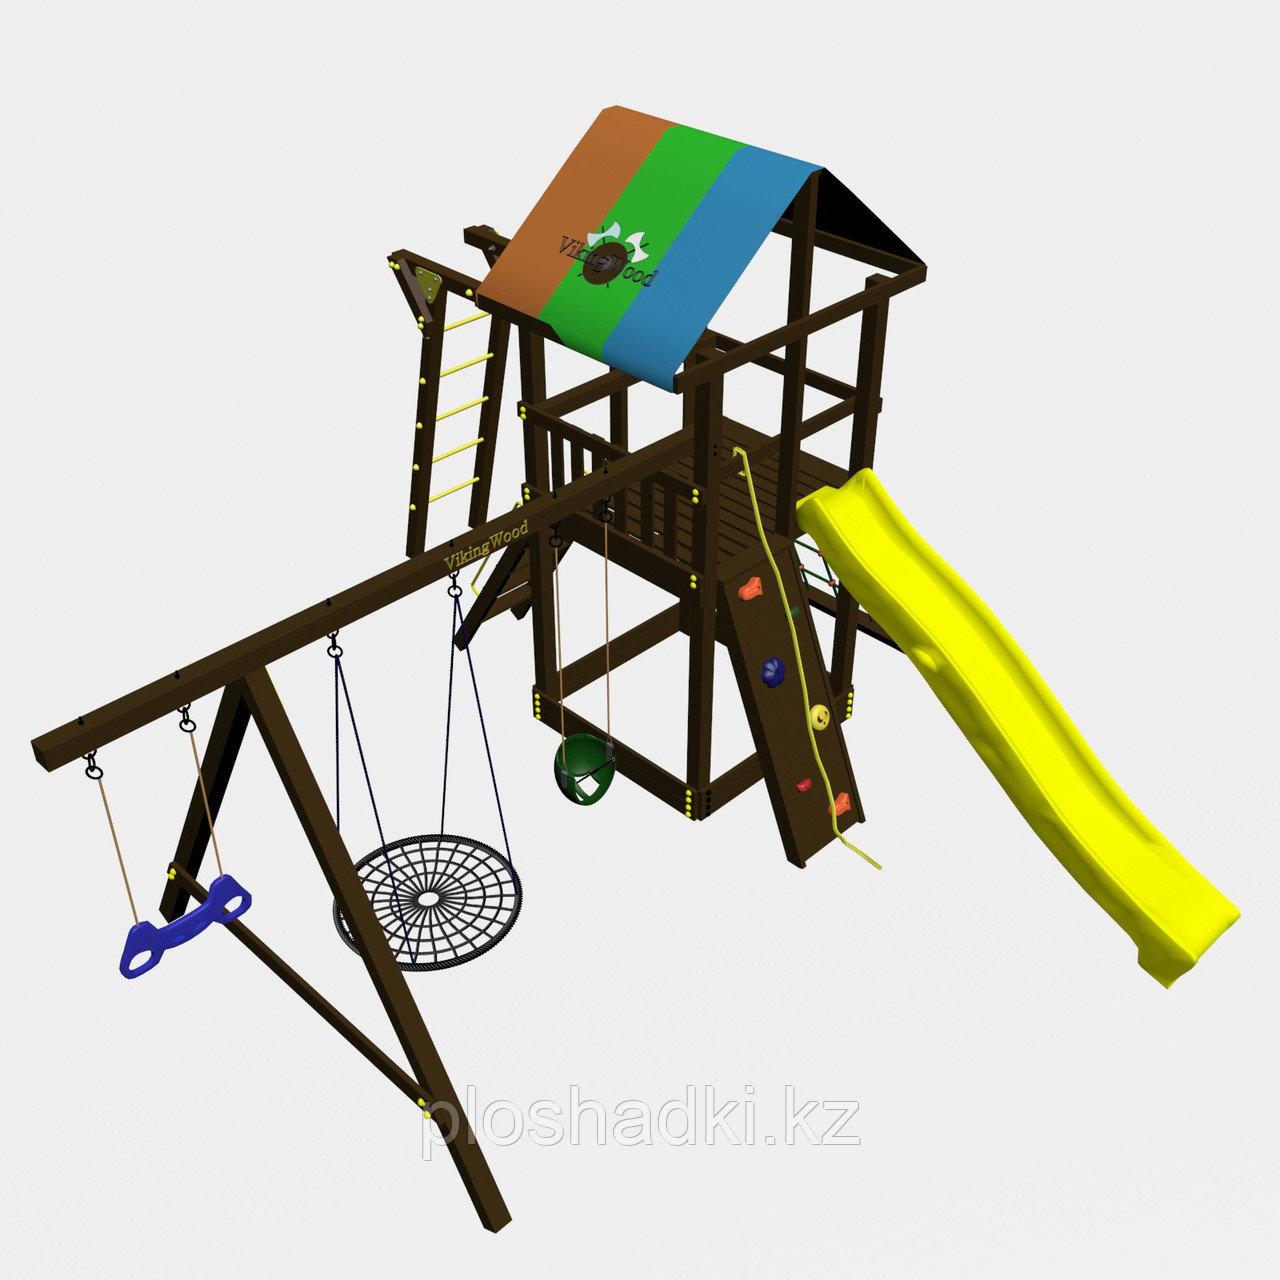 """Игровой комплекс """"Родео с рукоходом"""", цветная крыша, канатная сетка, скалодром, качели"""